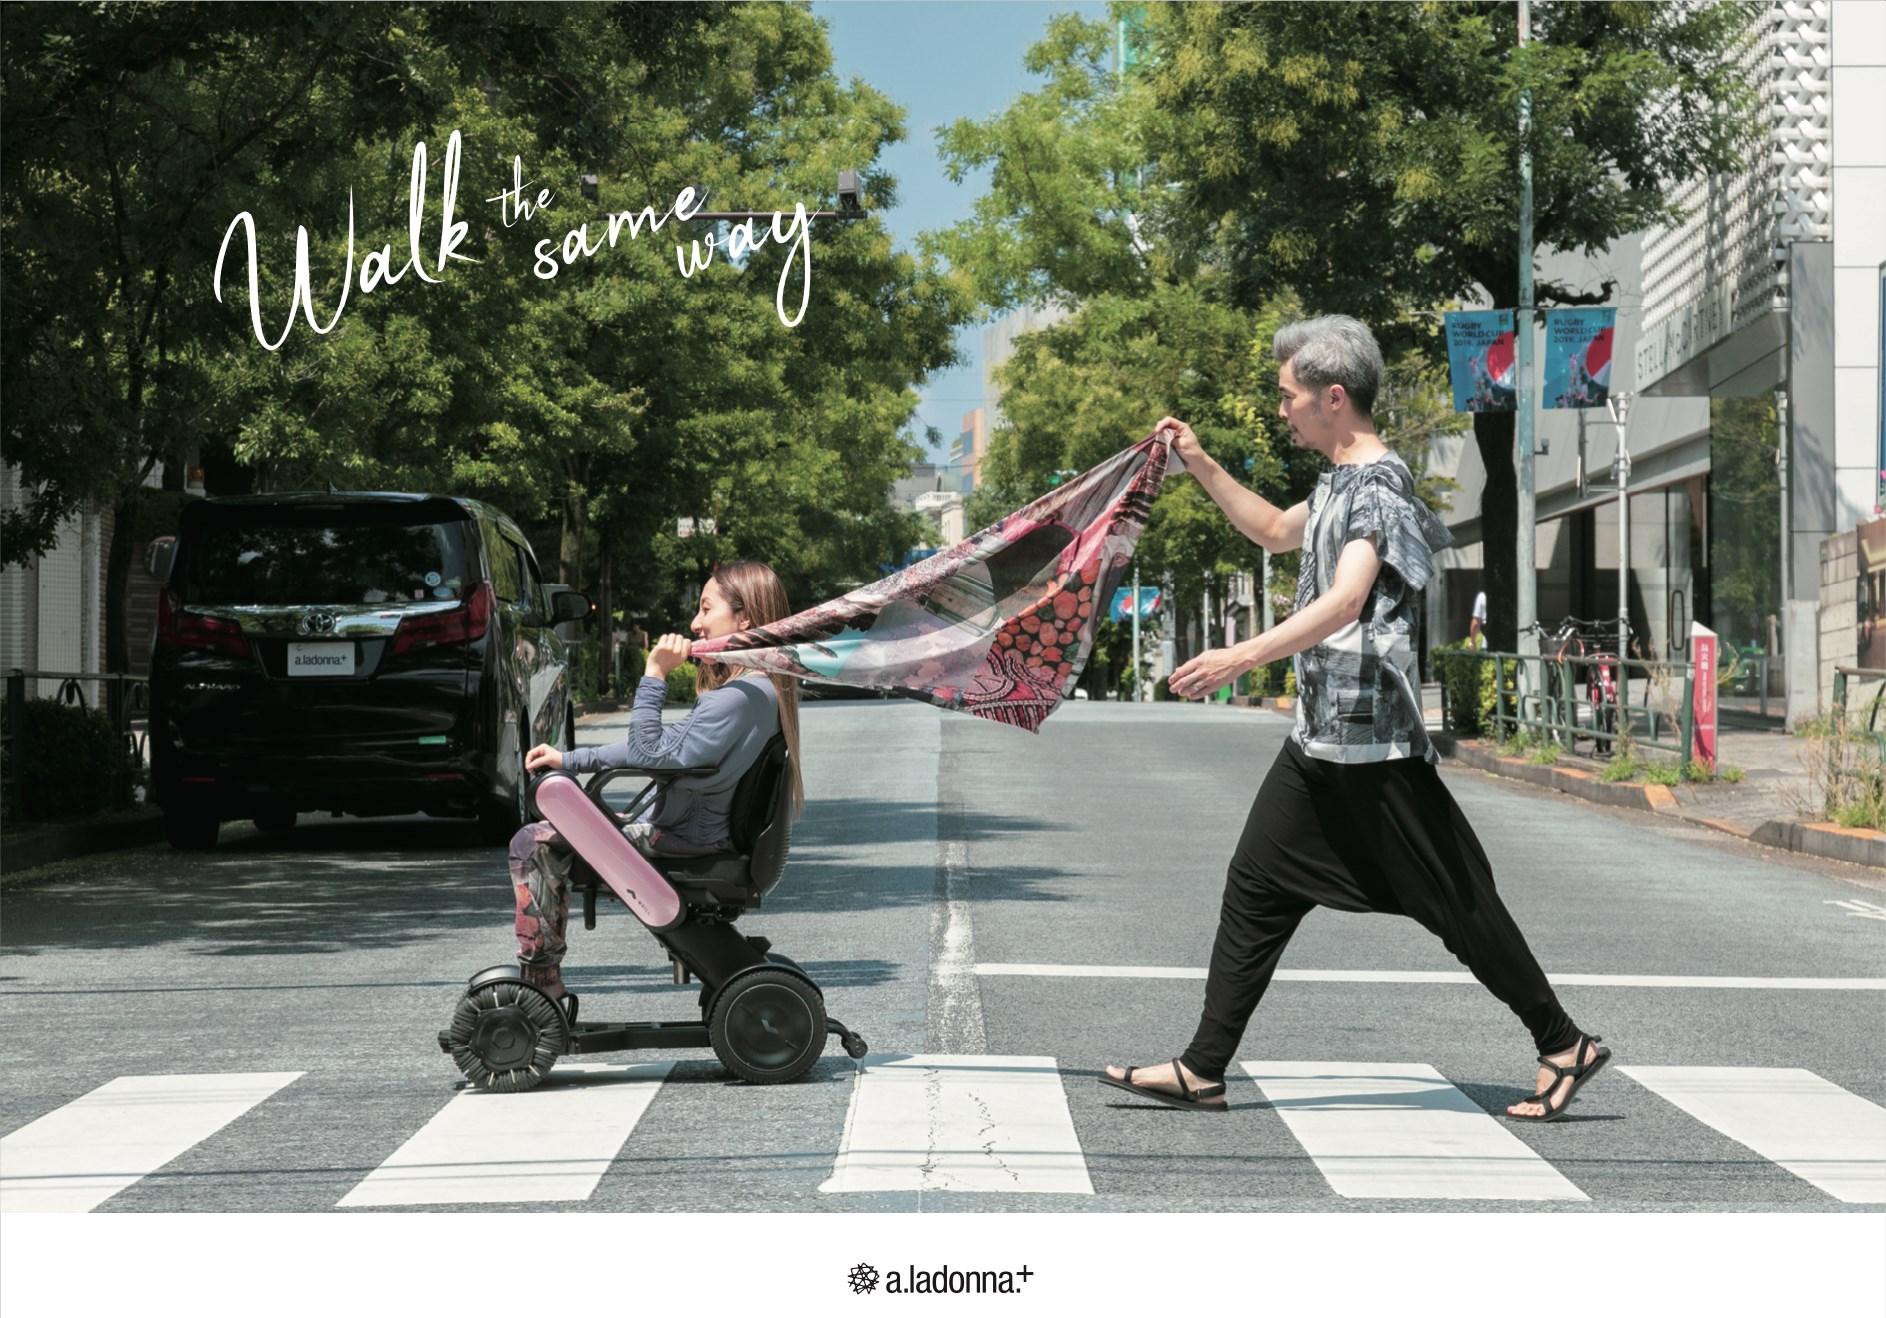 9月24.25.26日の3日間、a.ladonna.+バリアフリープロジェクトの展示試着会を開催